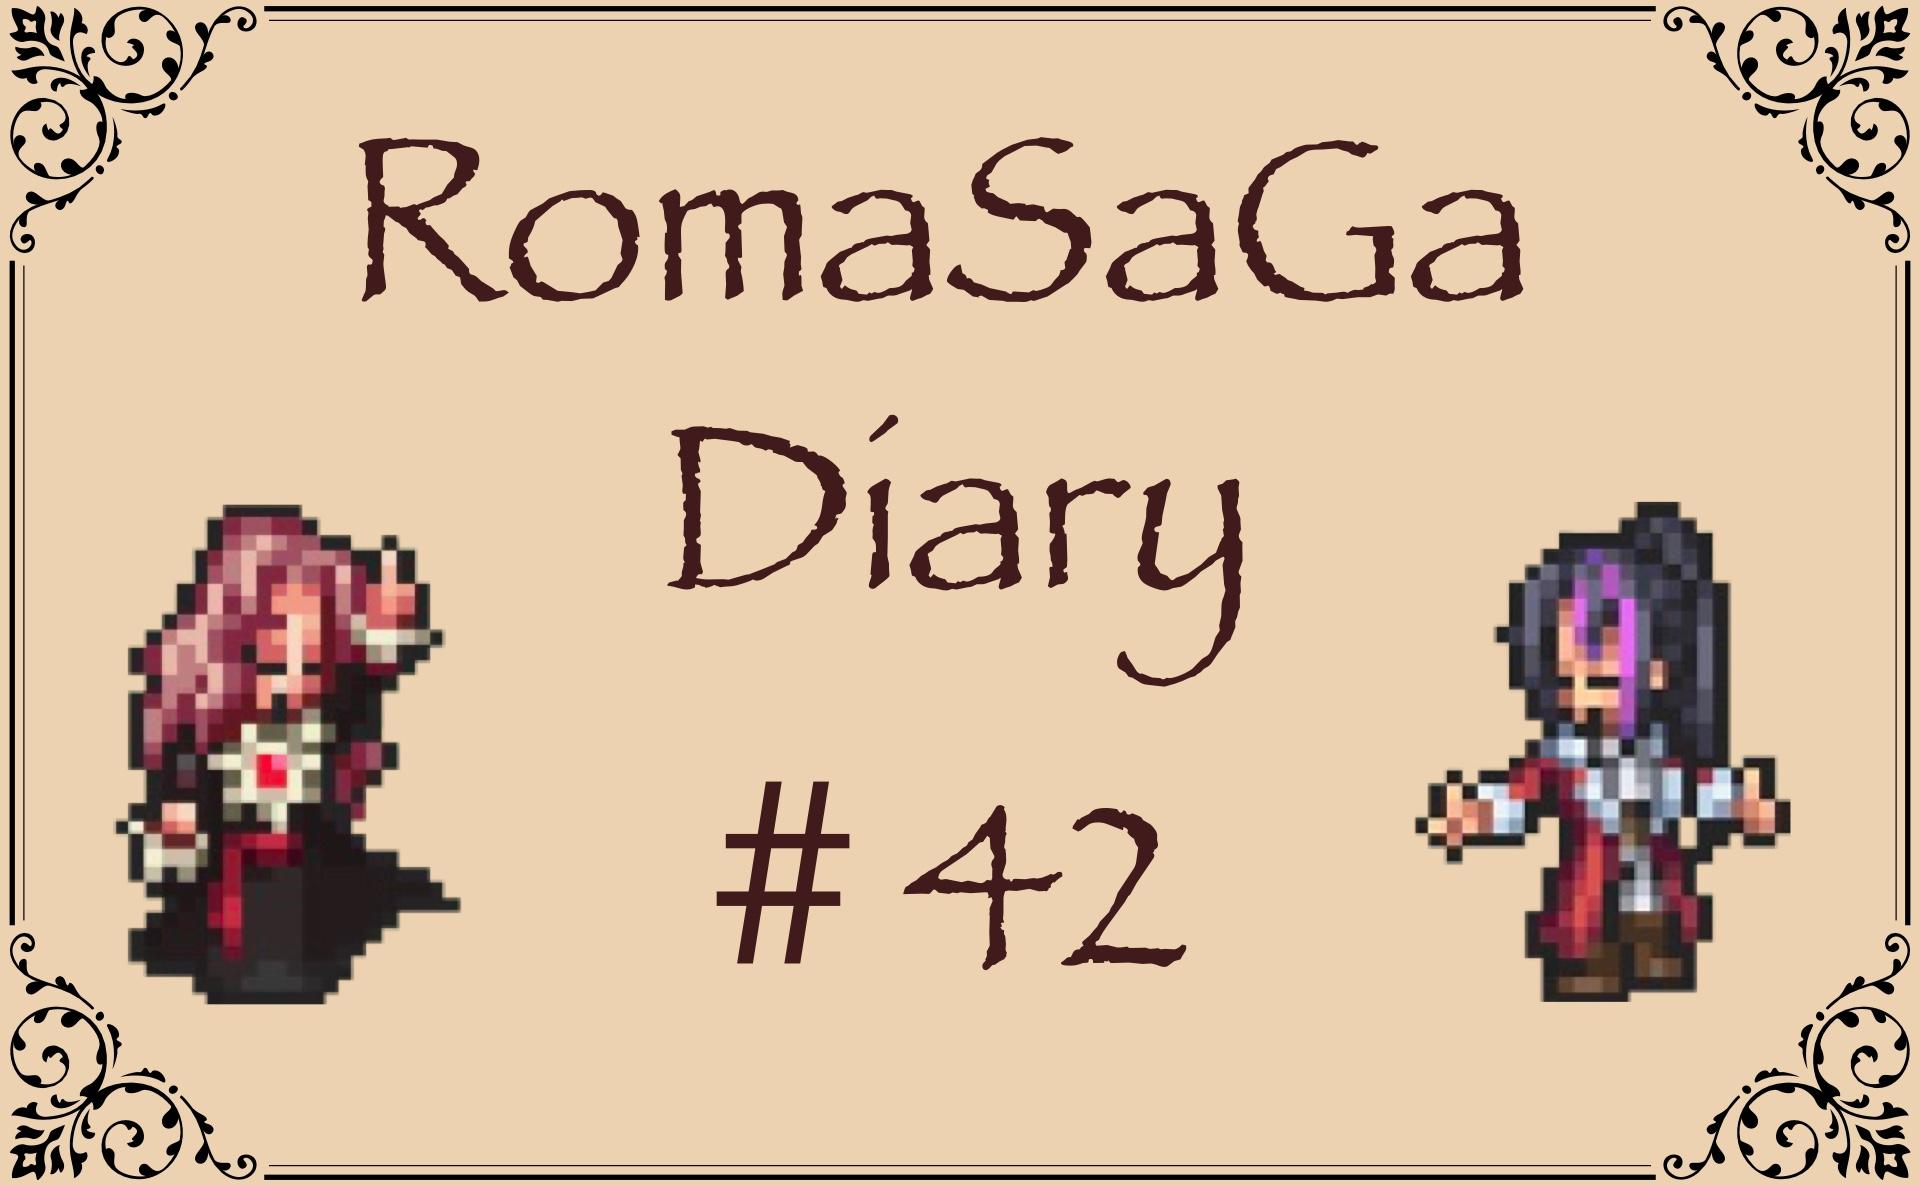 ロマサガDiary#42